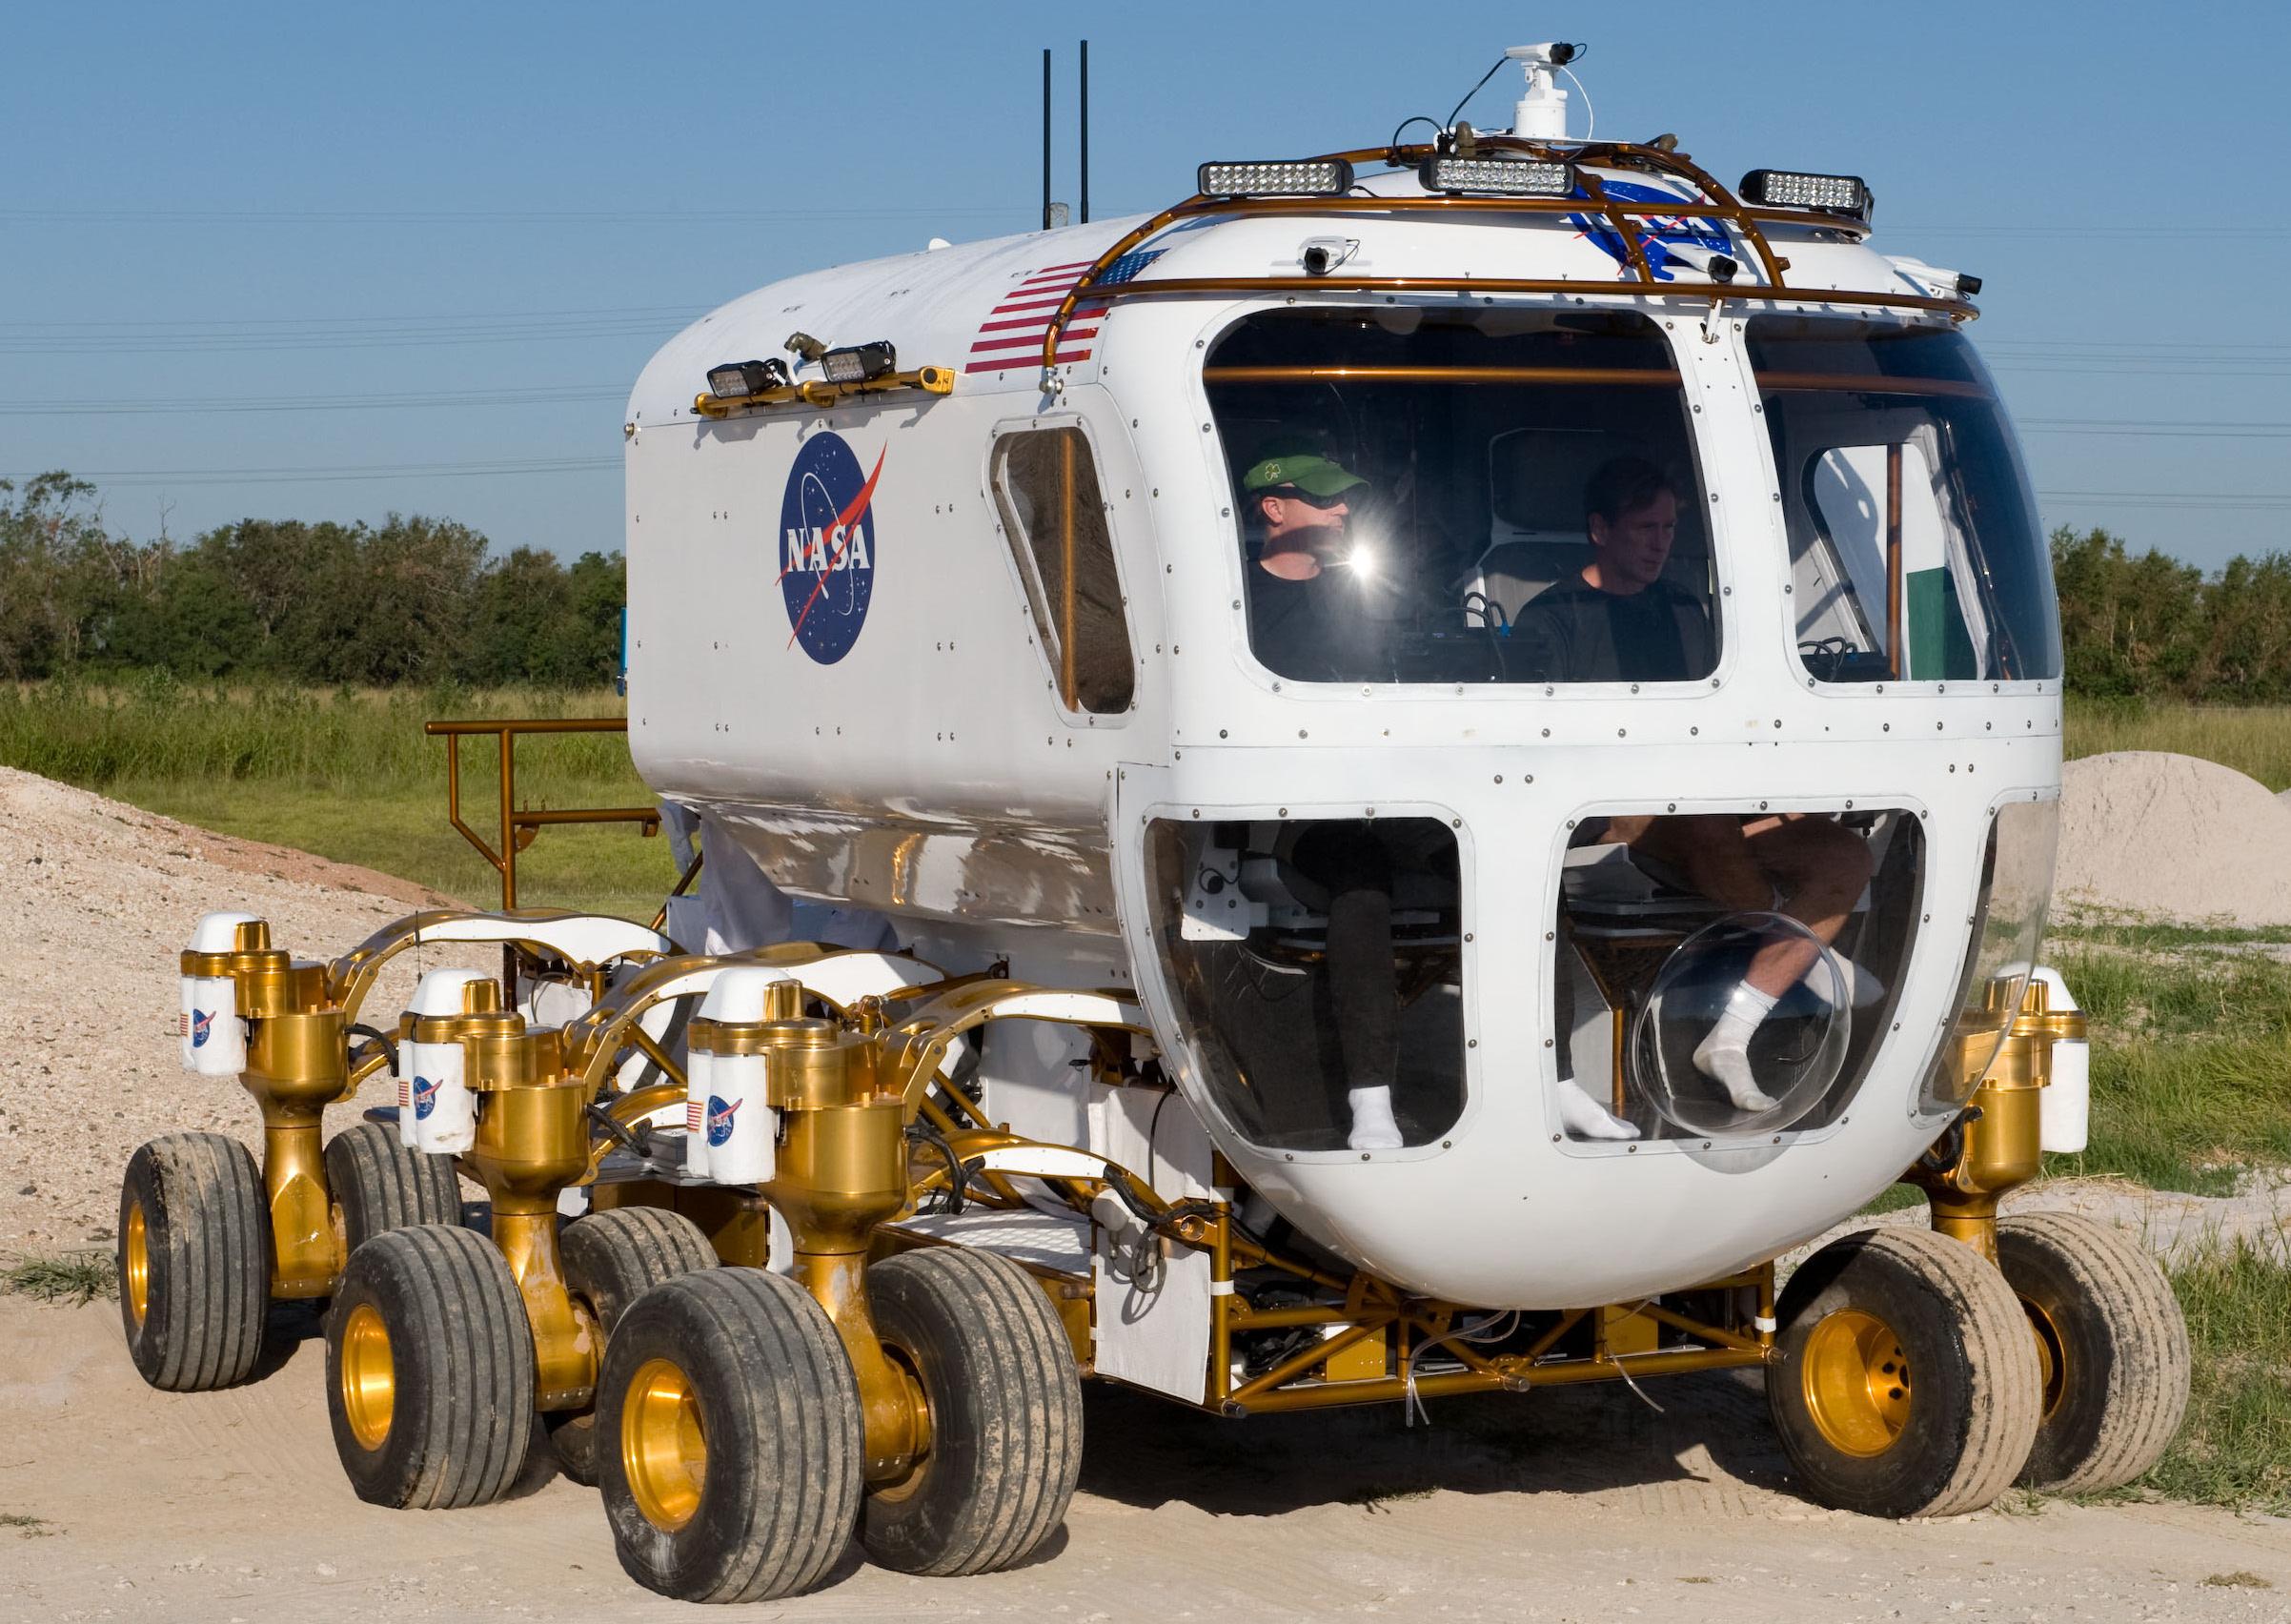 Small Pressurized Rover